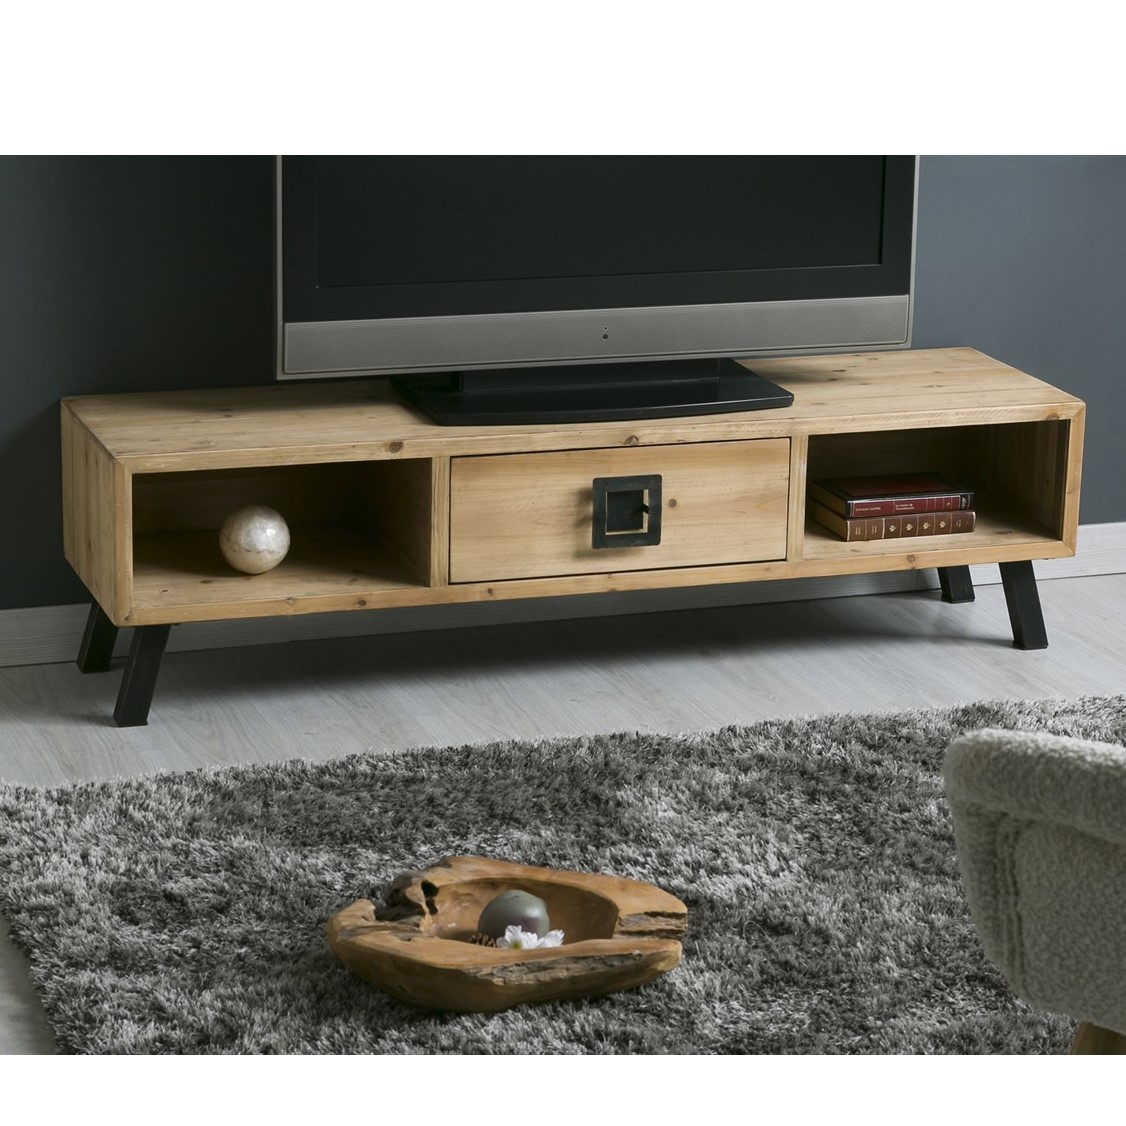 31901-mueble-tv-madera-metal-negro.jpg